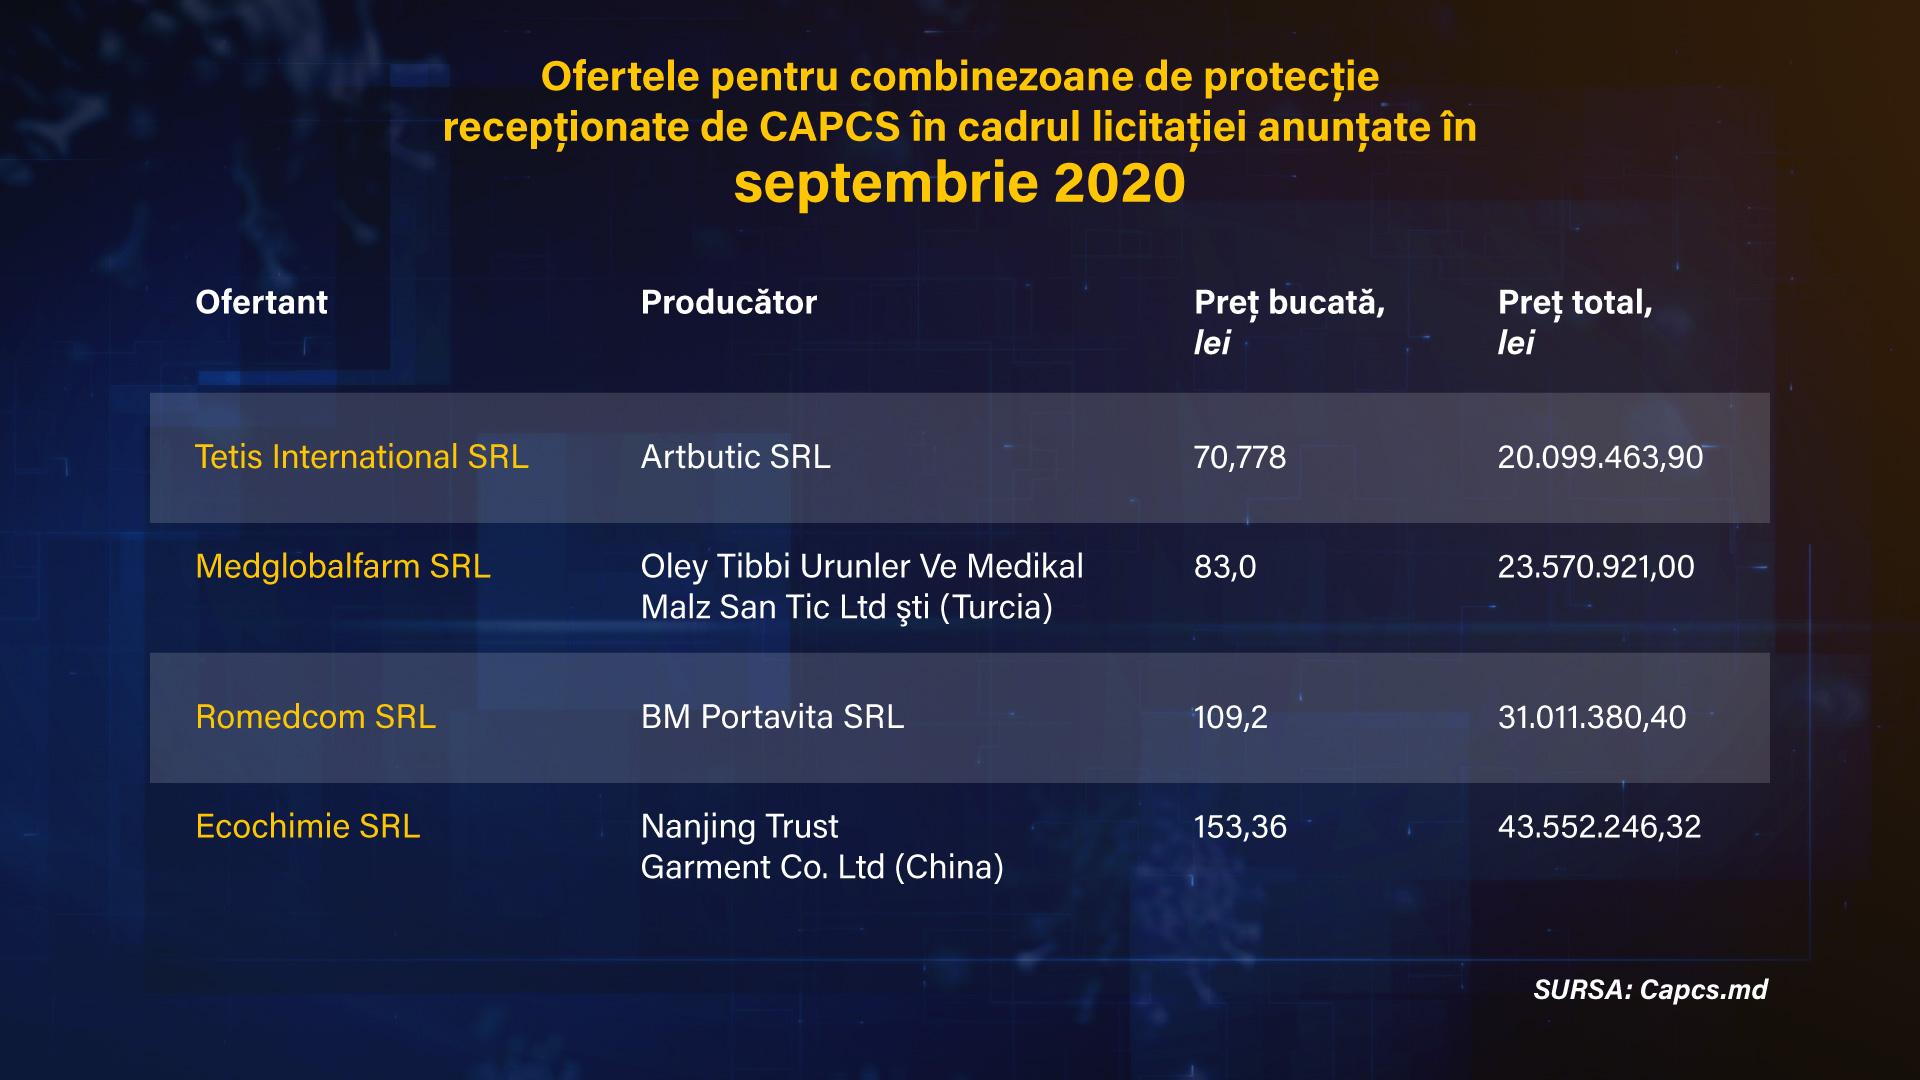 licitatie-capcs-09-2020